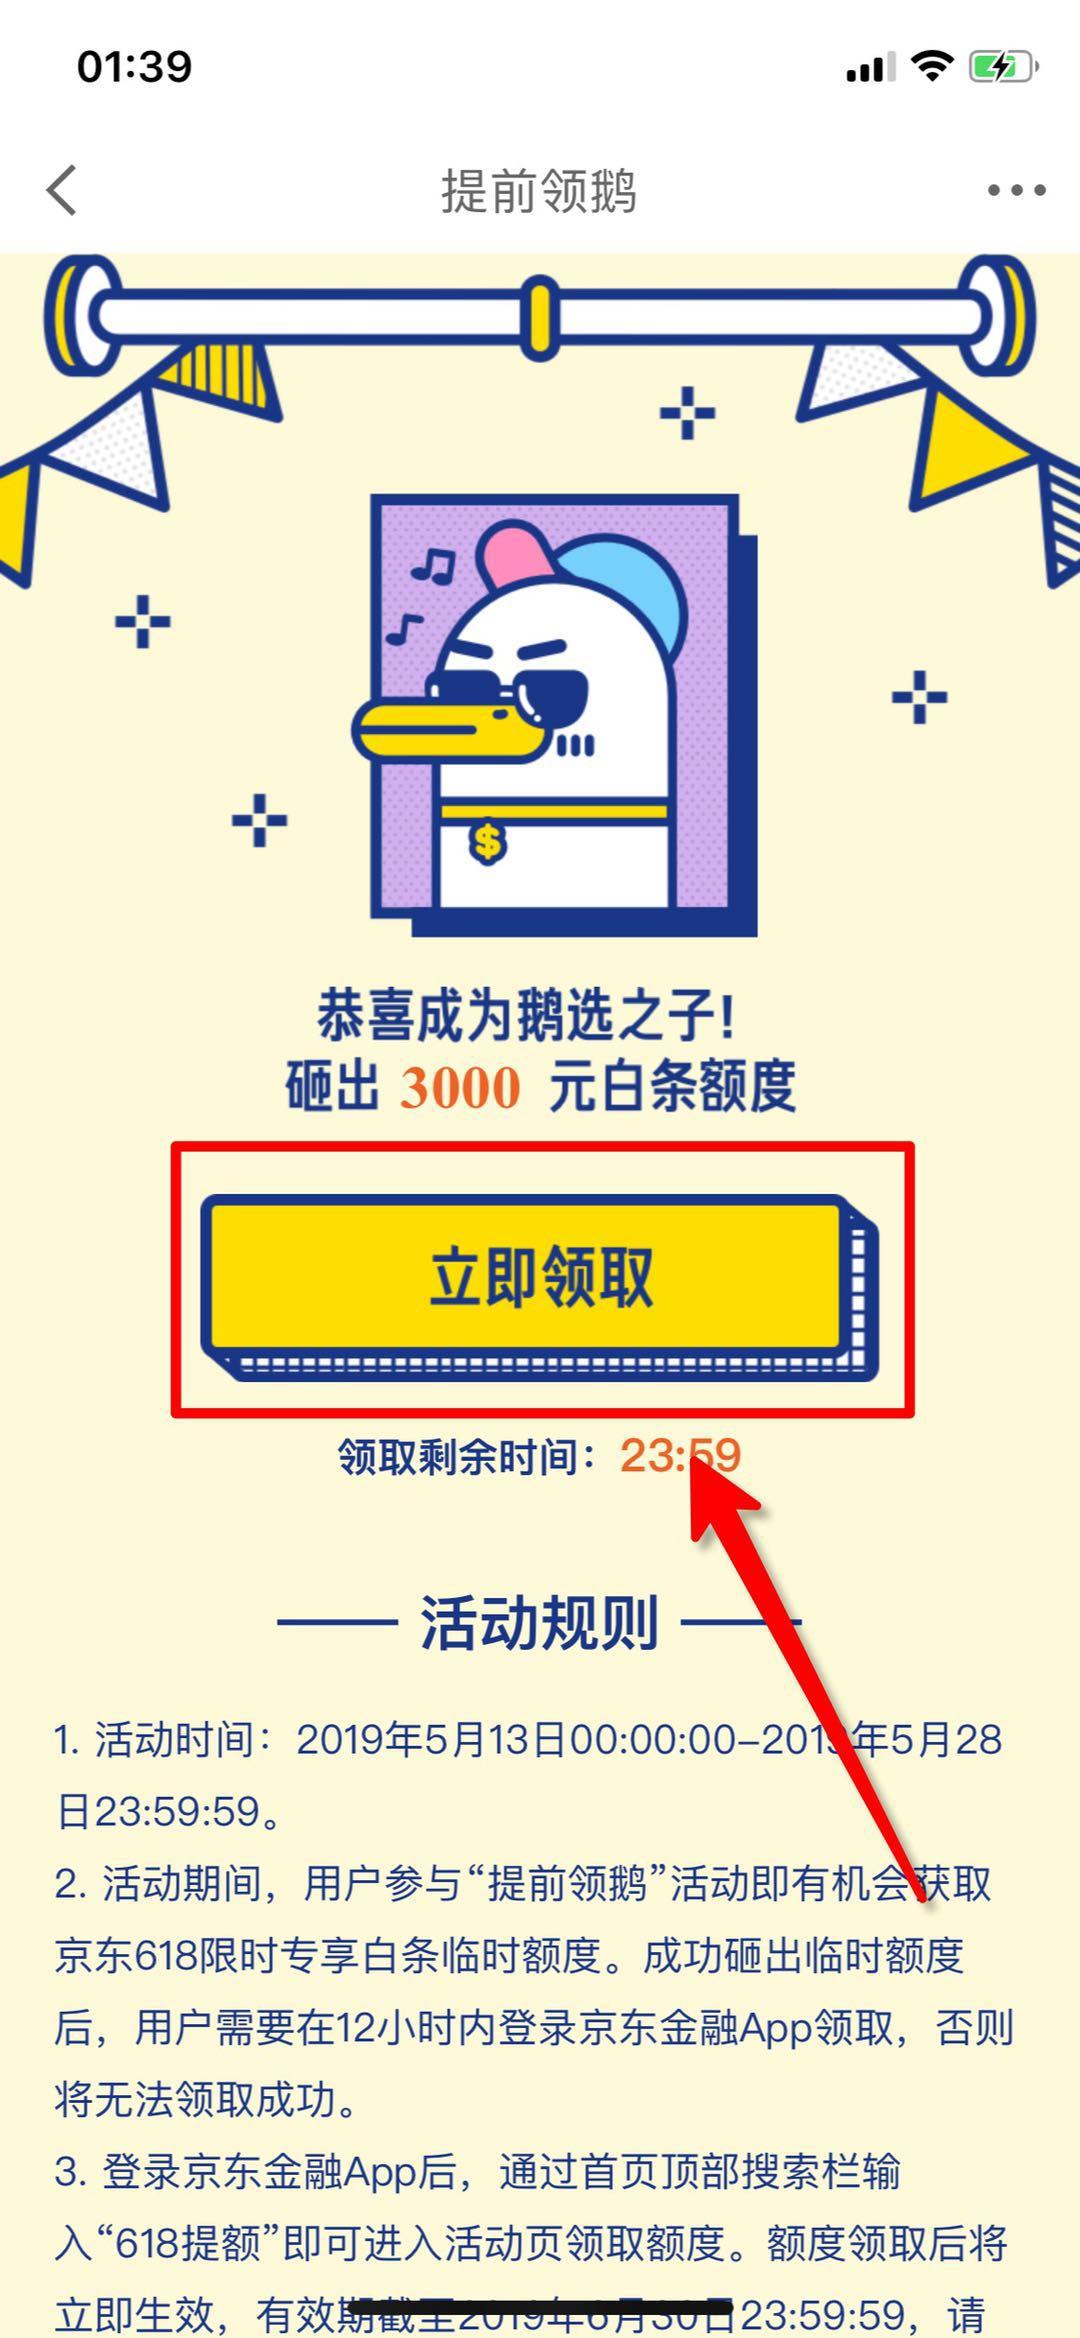 通知:京东618提额,微信闪付大面积开放!618提额京东为了迎接61 ...0 / 作者:百亿少女的梦 /